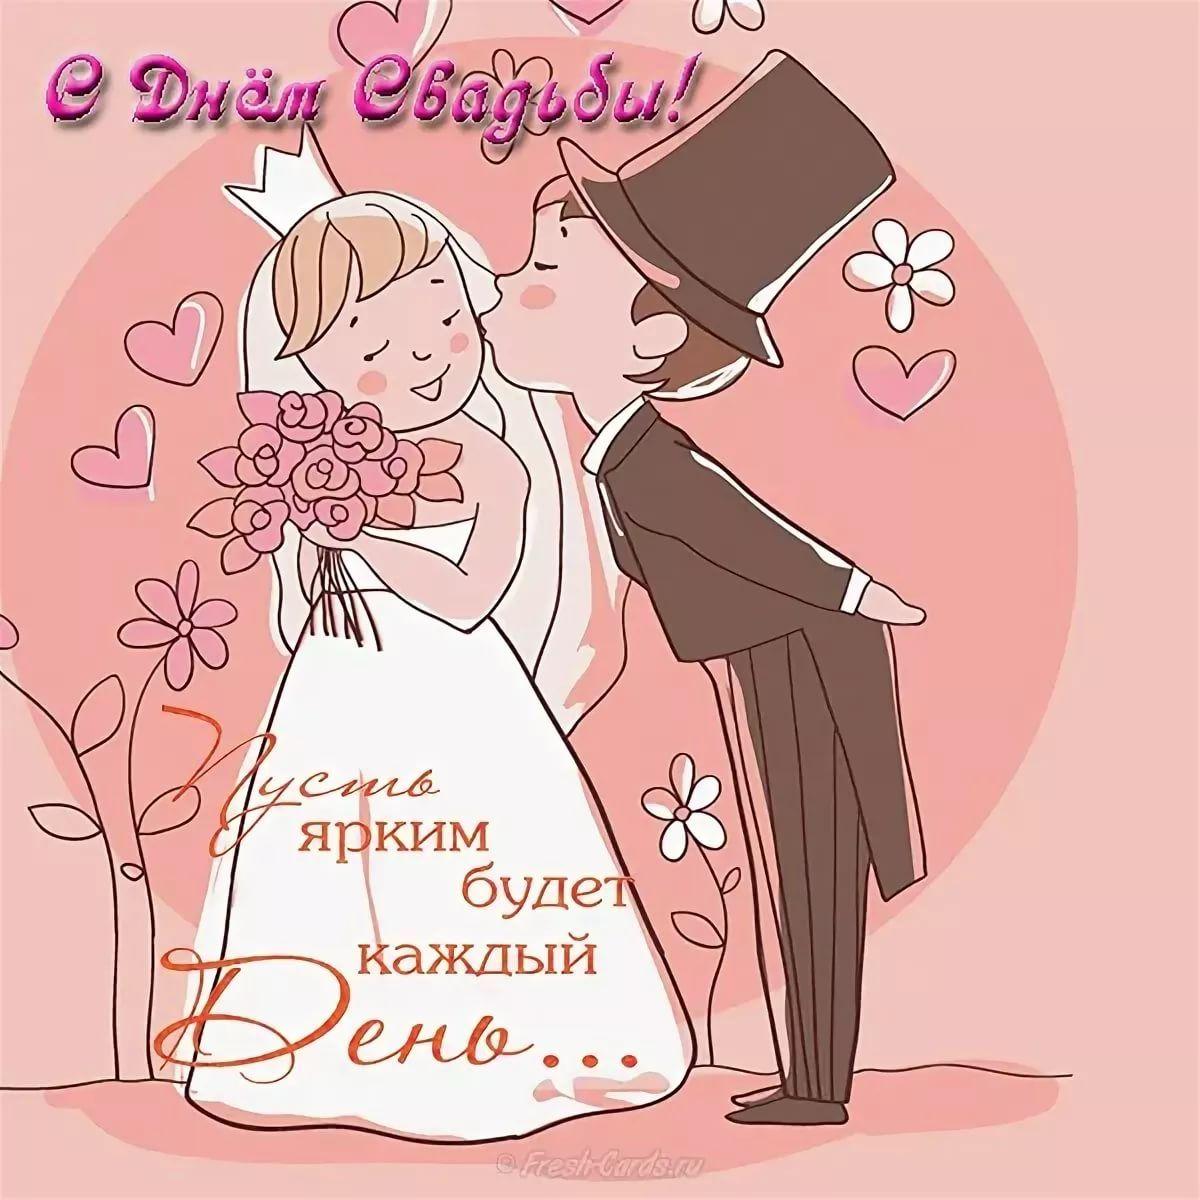 Поздравление для свадьбы прикольные новые